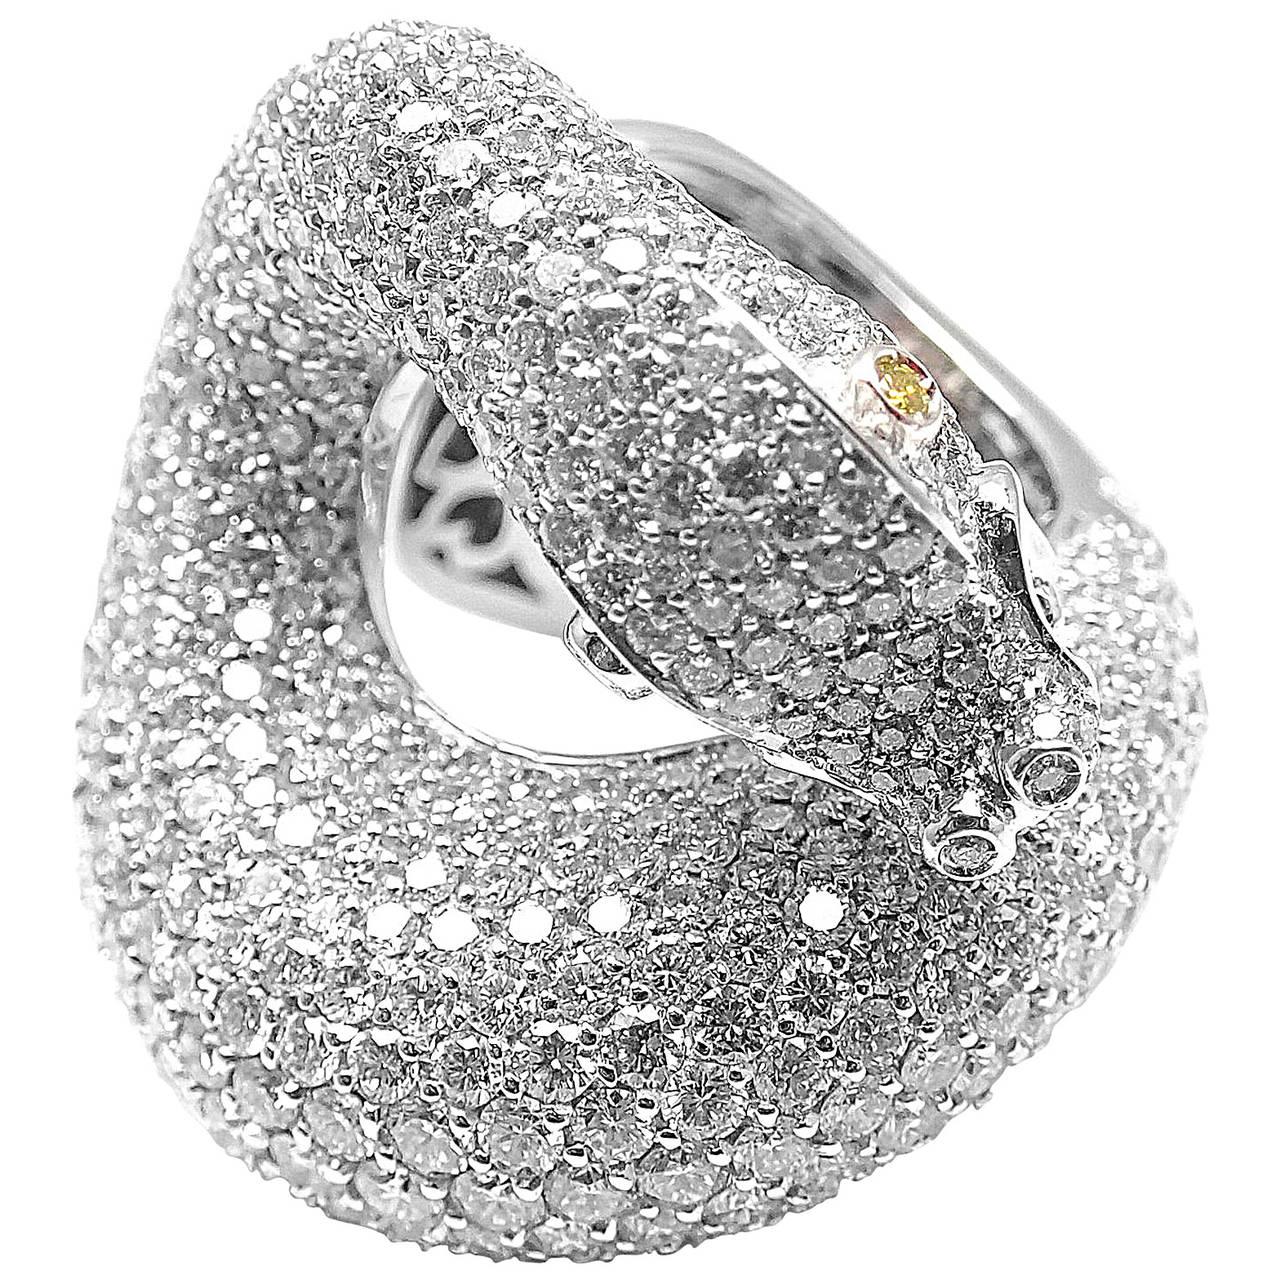 Pasquale Bruni IL PECCATO Diamond Snake White Gold Ring For Sale